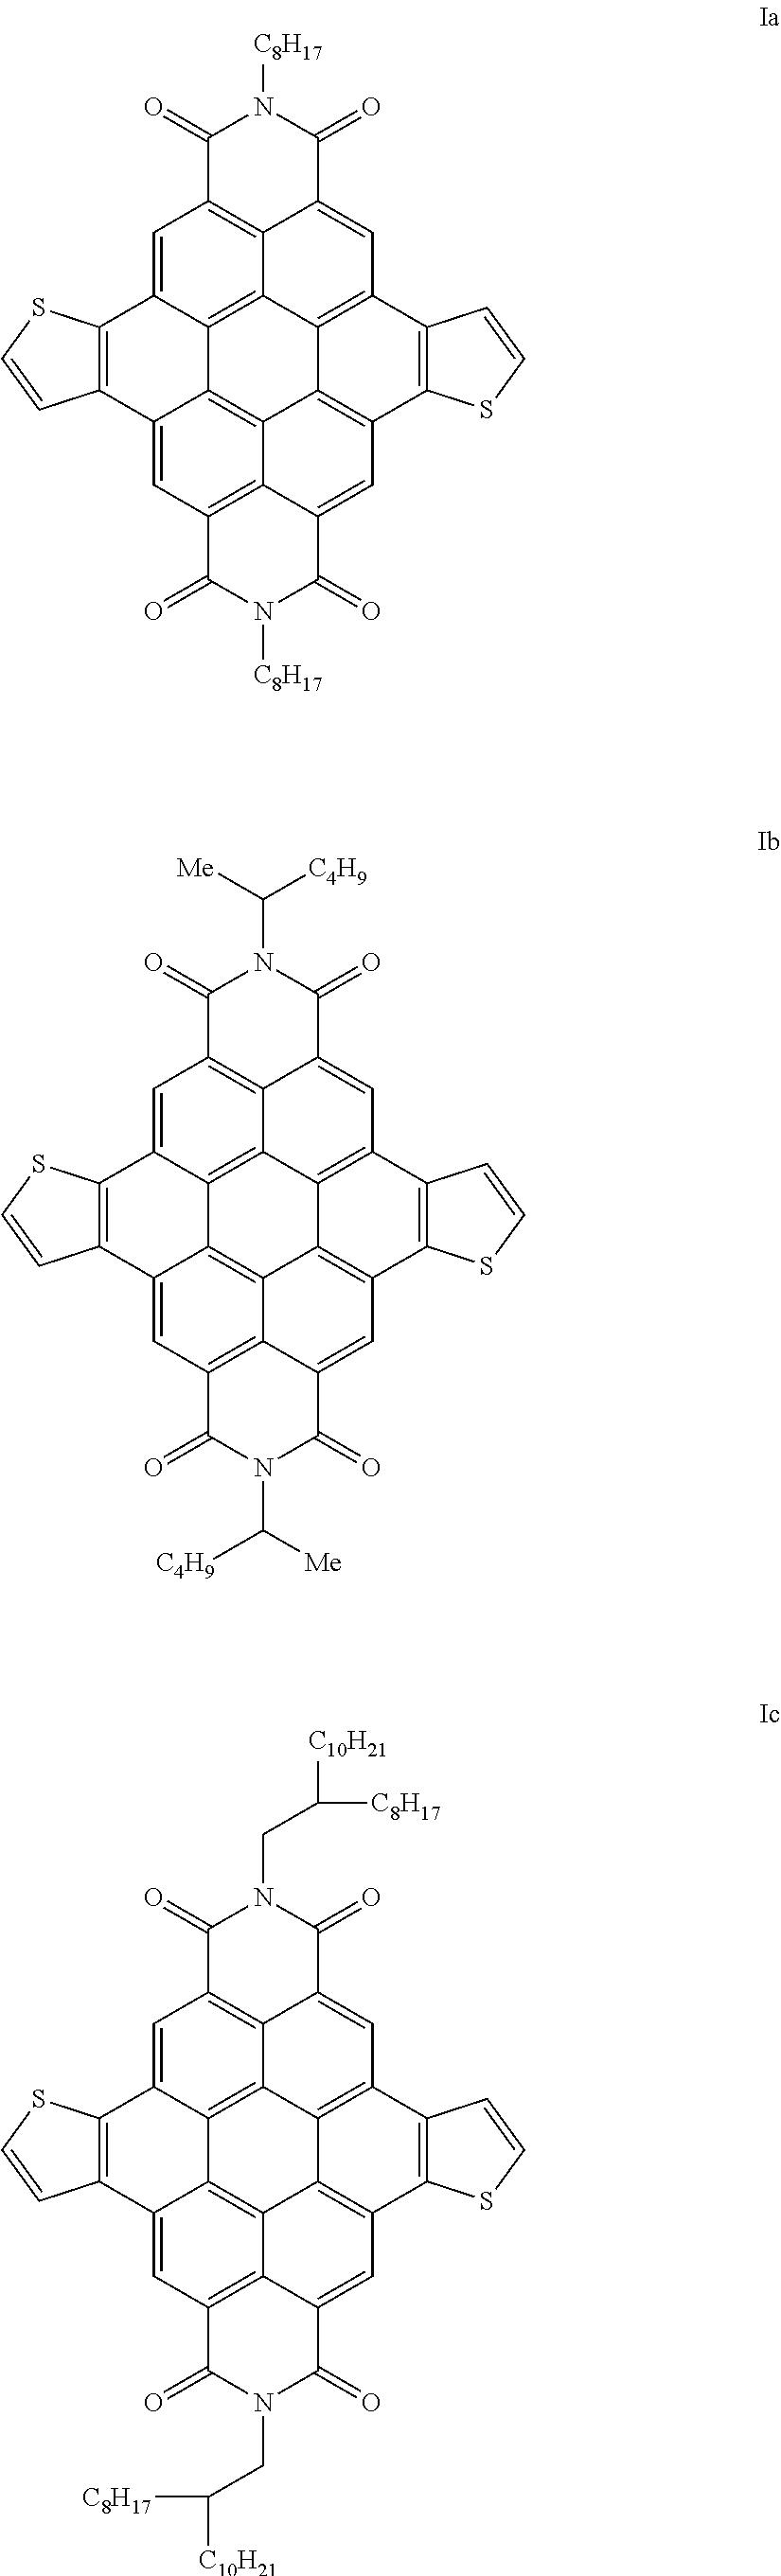 Figure US08329855-20121211-C00020